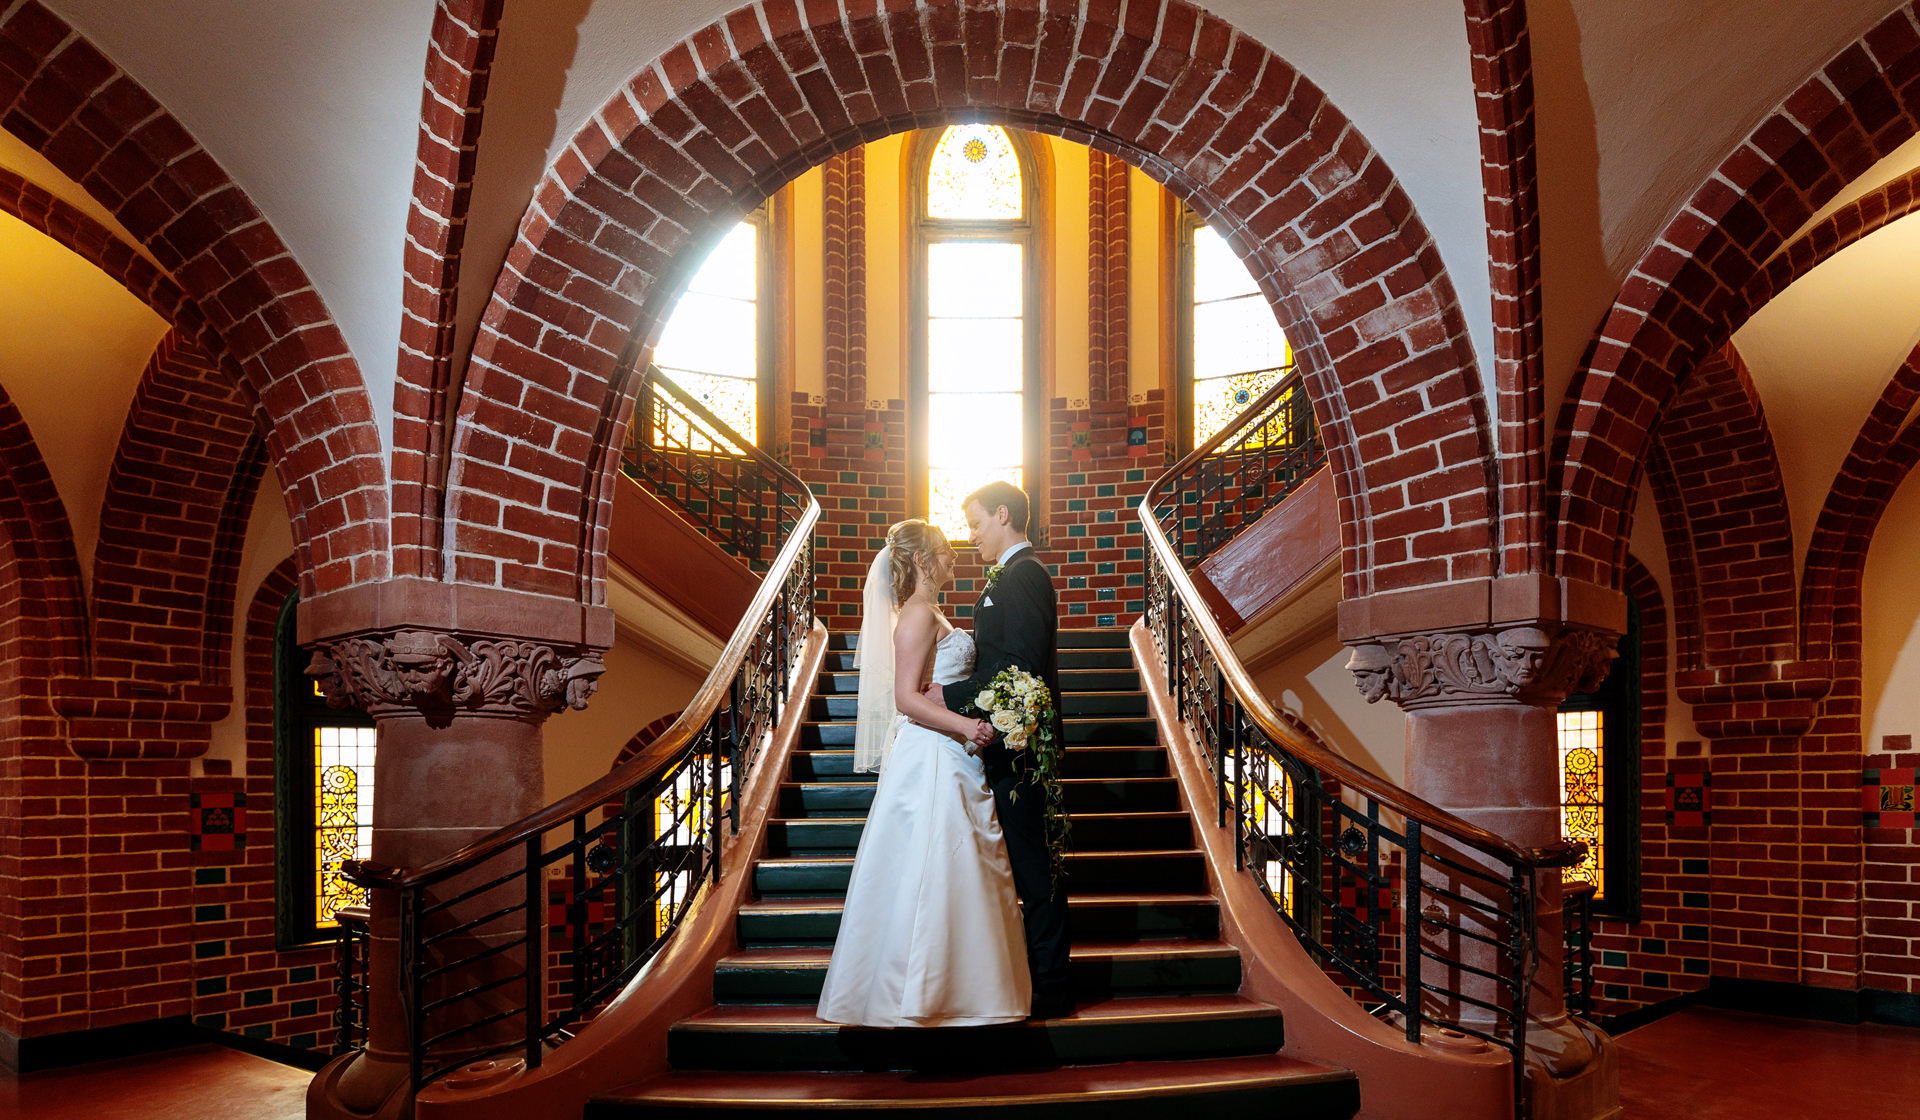 Hochzeitsfotograf mit Brautpaar nach Trauung im Rathaus Köpenick Berlin